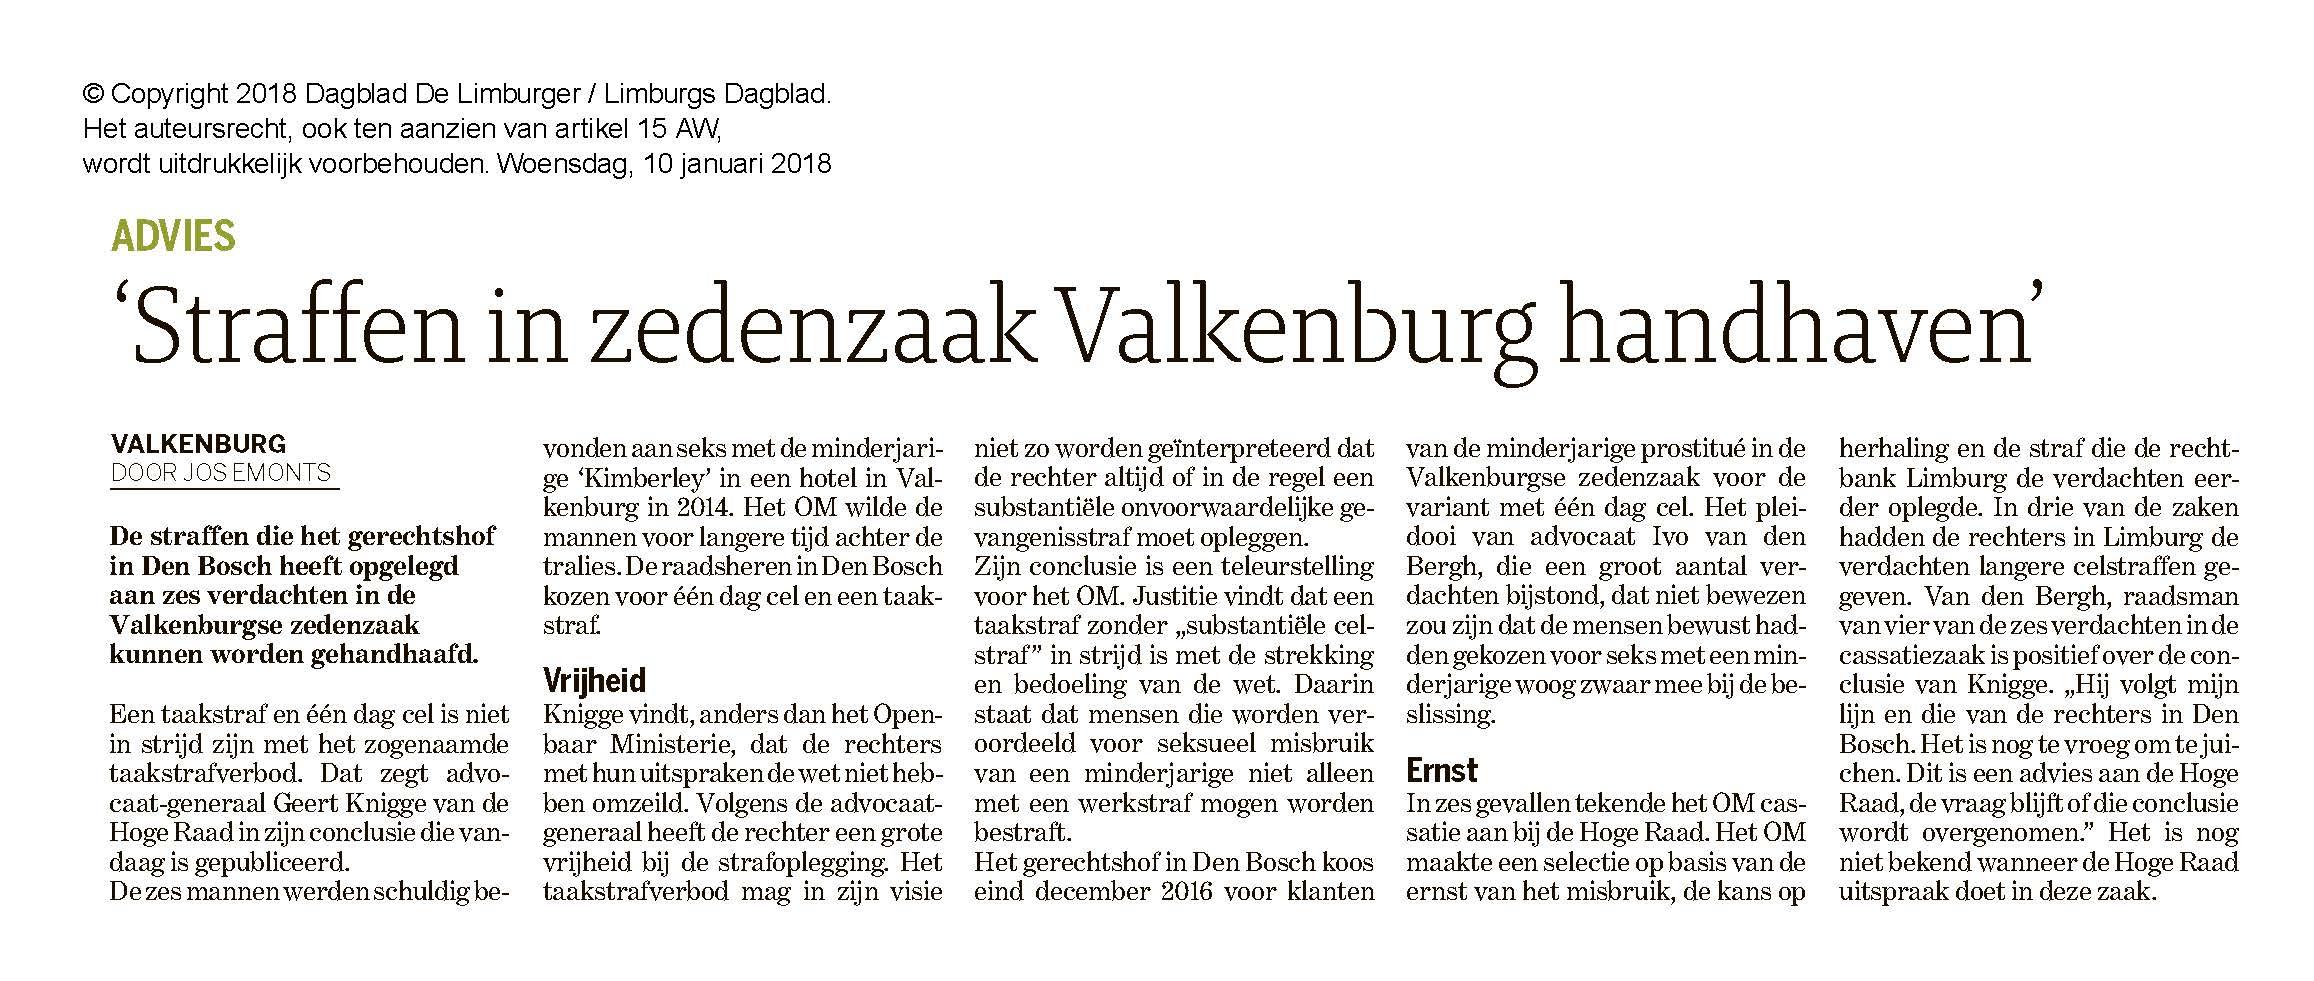 Straffen in zedenzaak Valkenburg handhaven Limburgs Dagblad